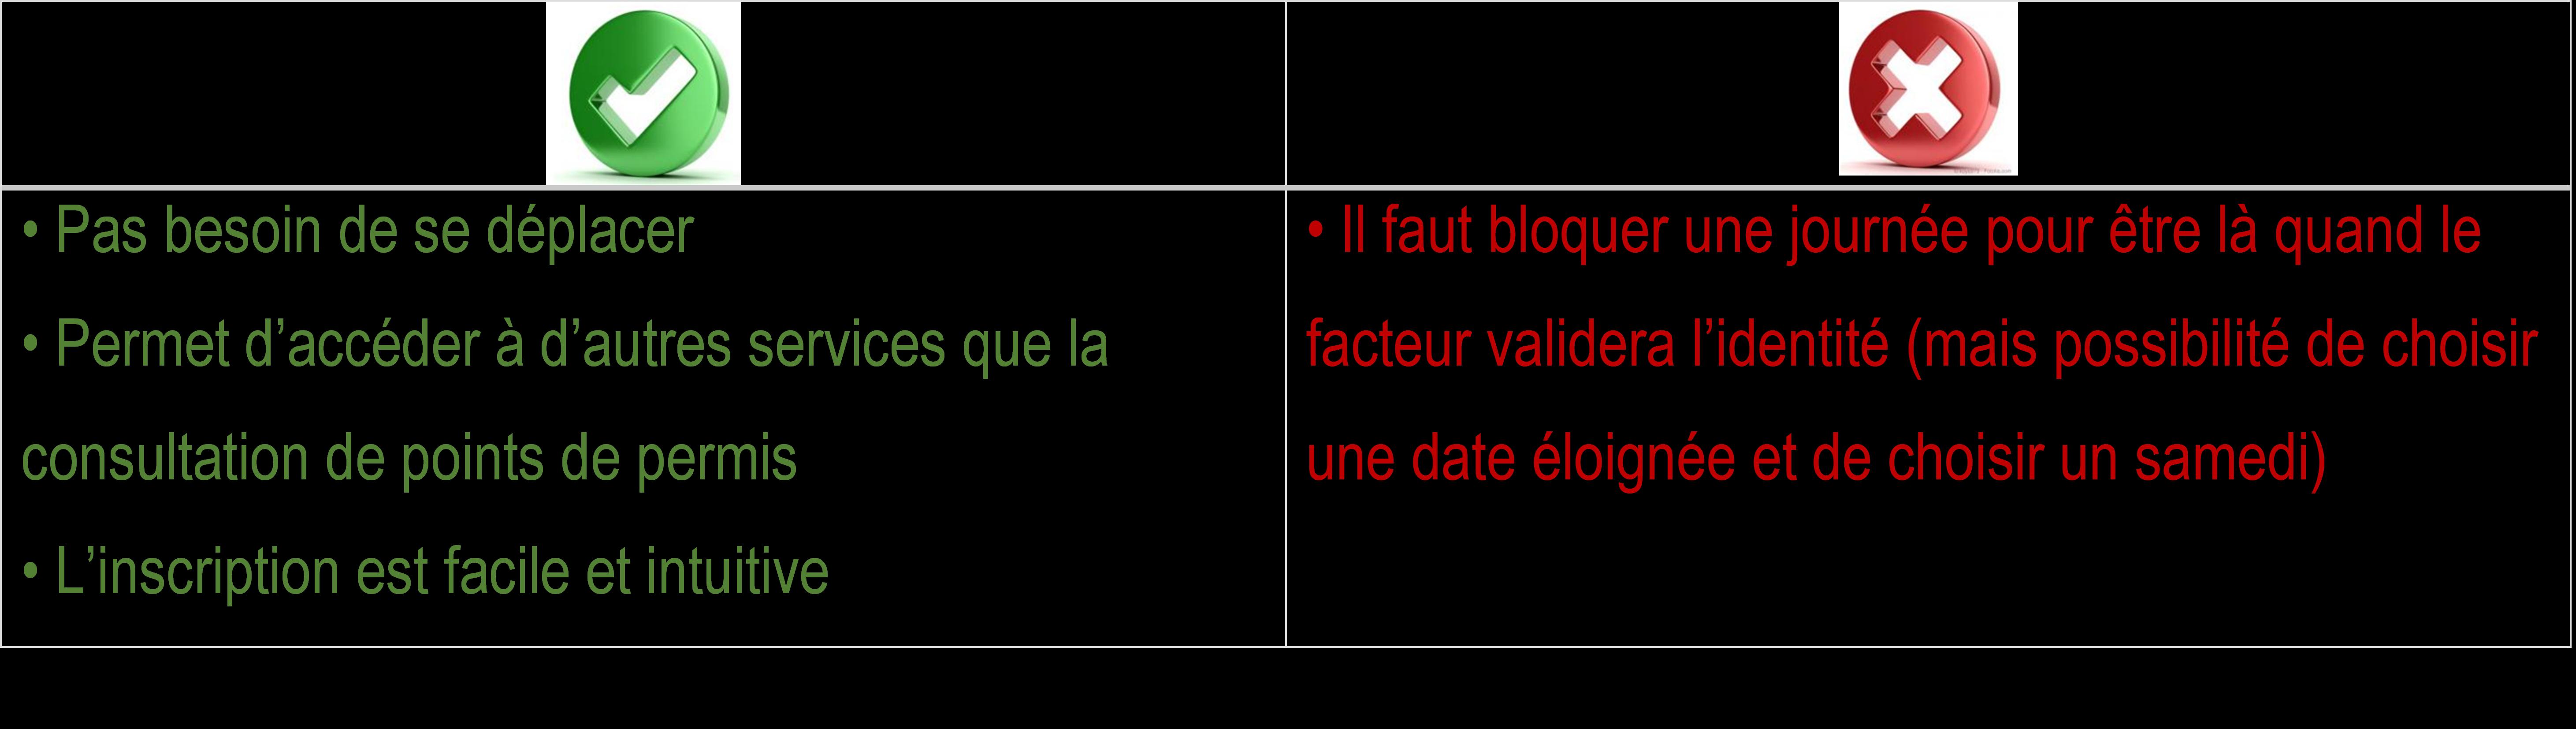 Méthode La Poste - France Connect permis